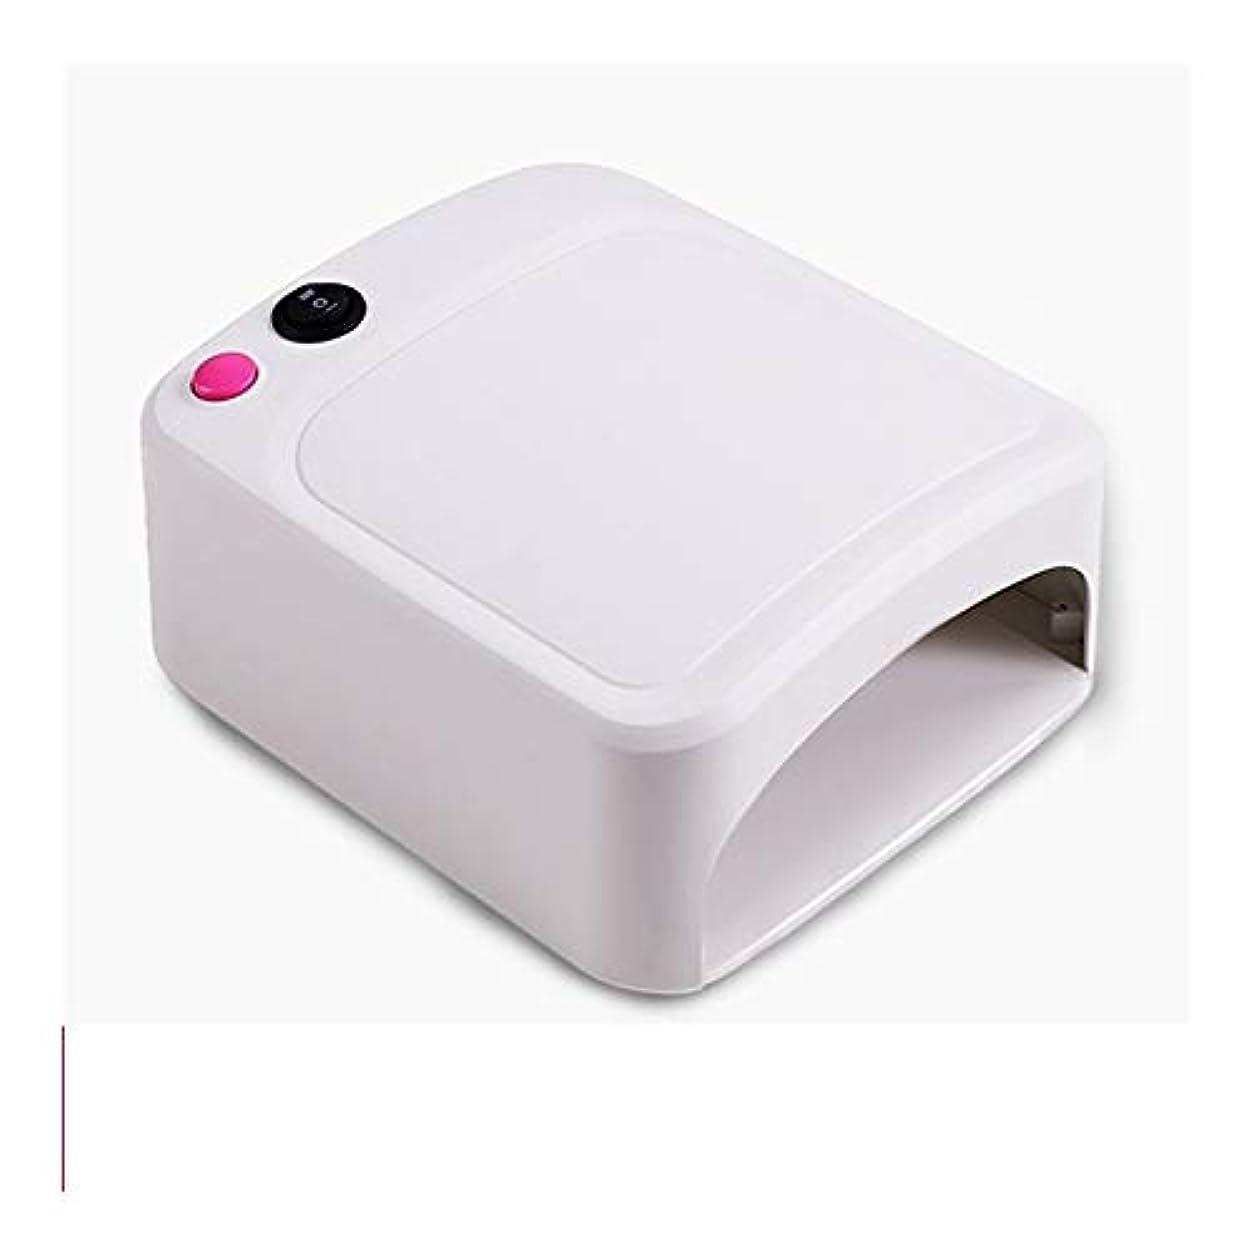 ギャング愚かな補足LittleCat ネイルネイル光線療法機UVランプ36W UVライトローストネイルドライヤー (色 : Pink euro circle)